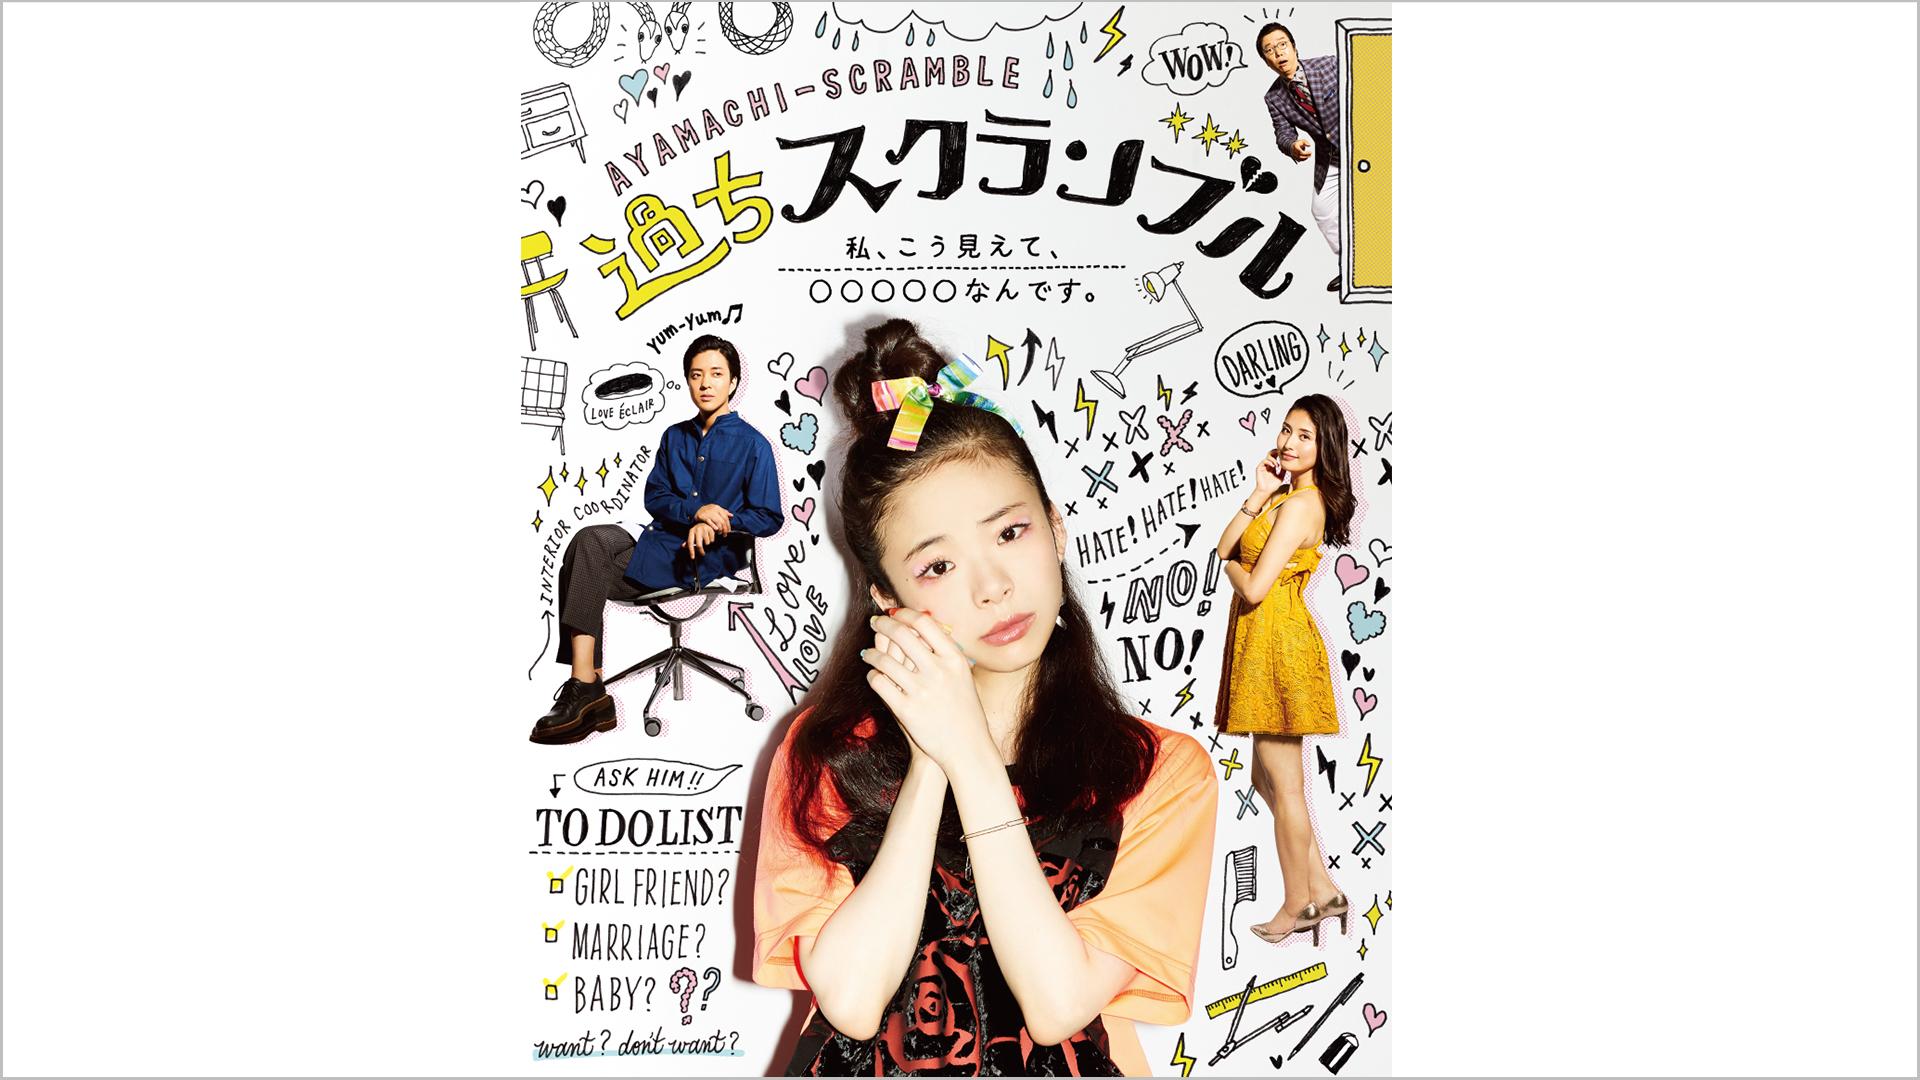 オリジナルドラマ「過ちスクランブル」#2   緊急発進するオトナのラブコメ!!?